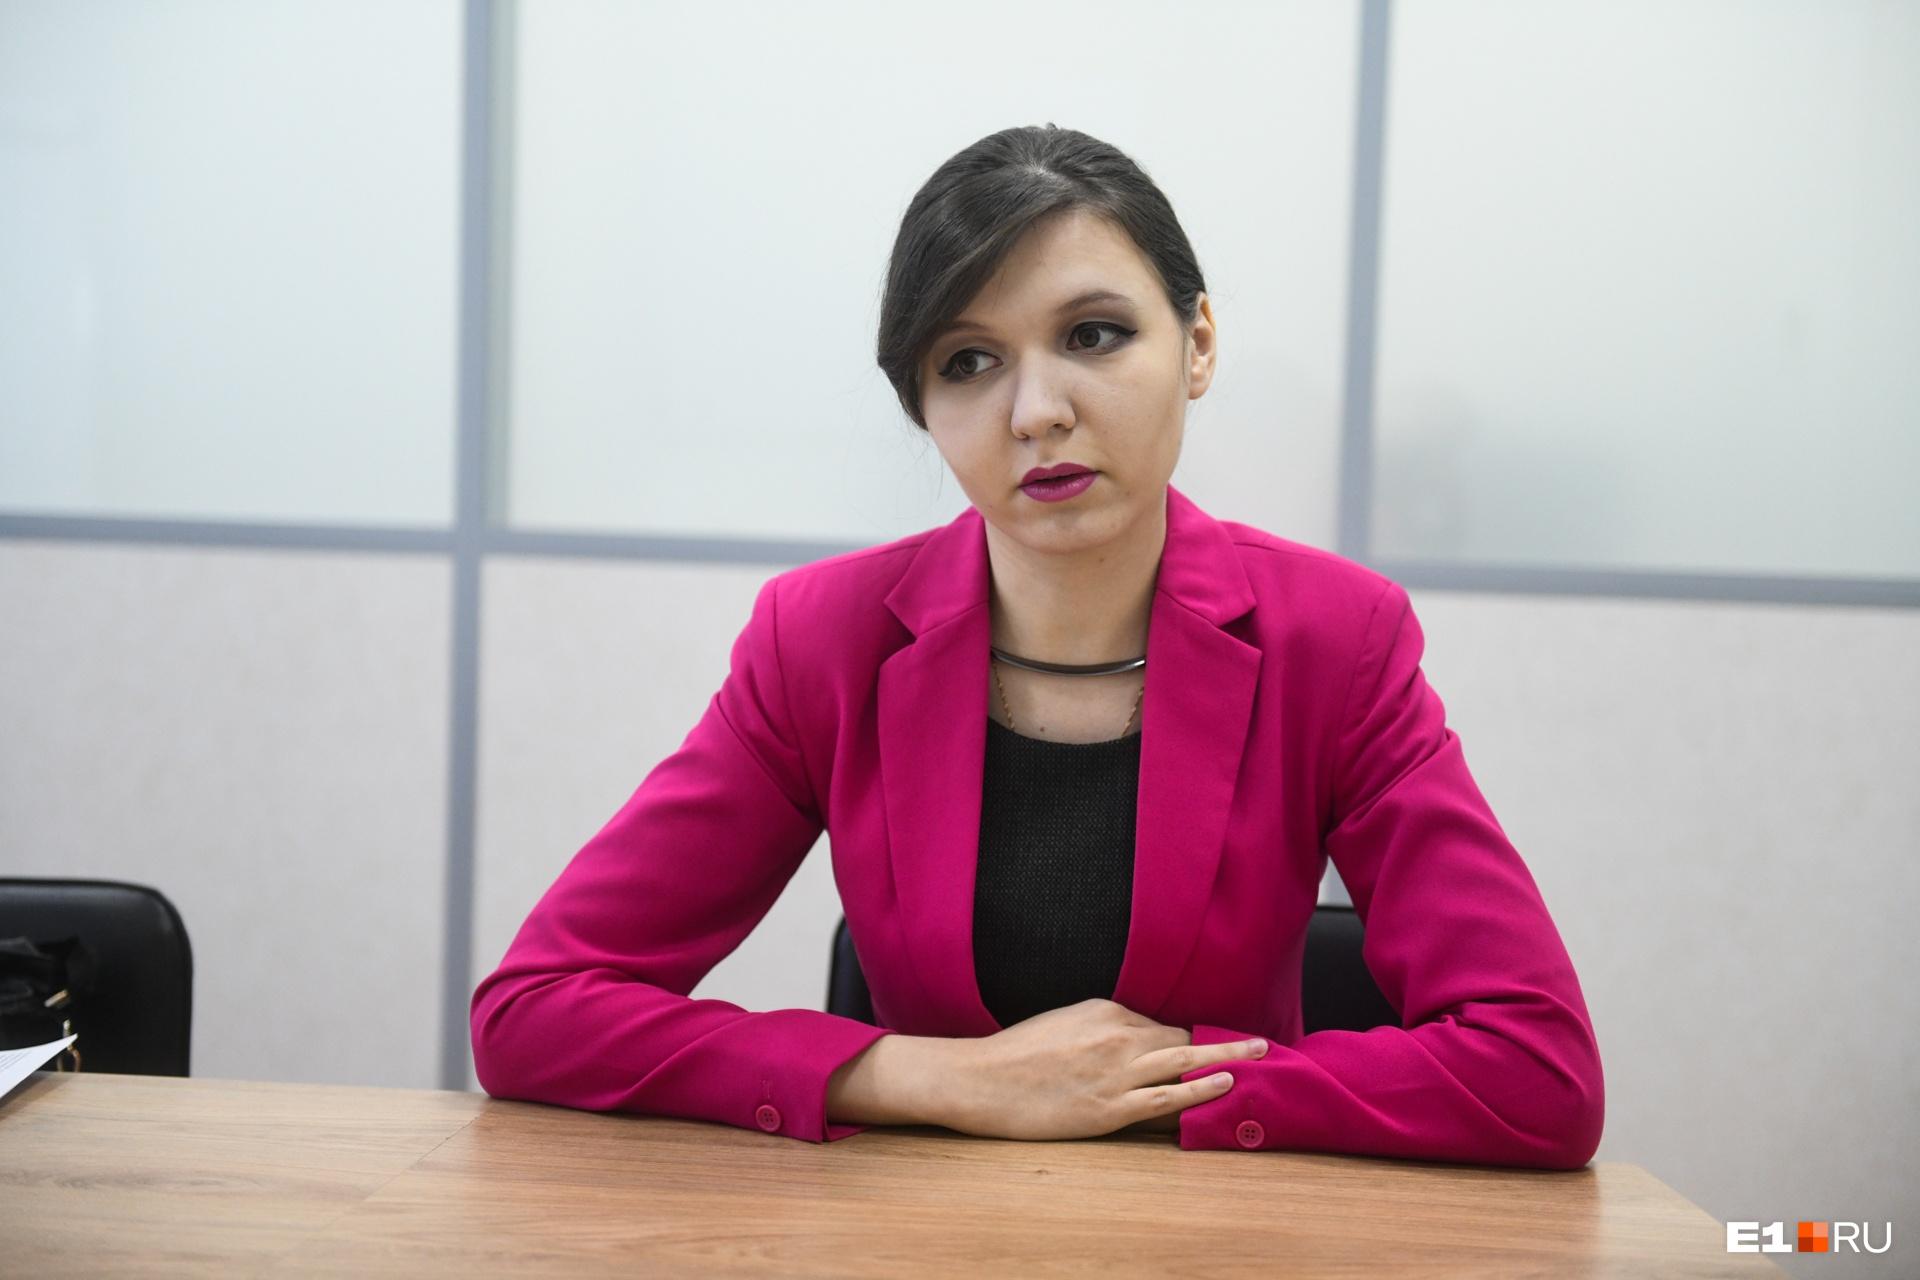 Алиса Каримова считает, что посетители аптек незаслуженно относятся к фармацевтам всего лишь как к продавцам медицинских препаратов